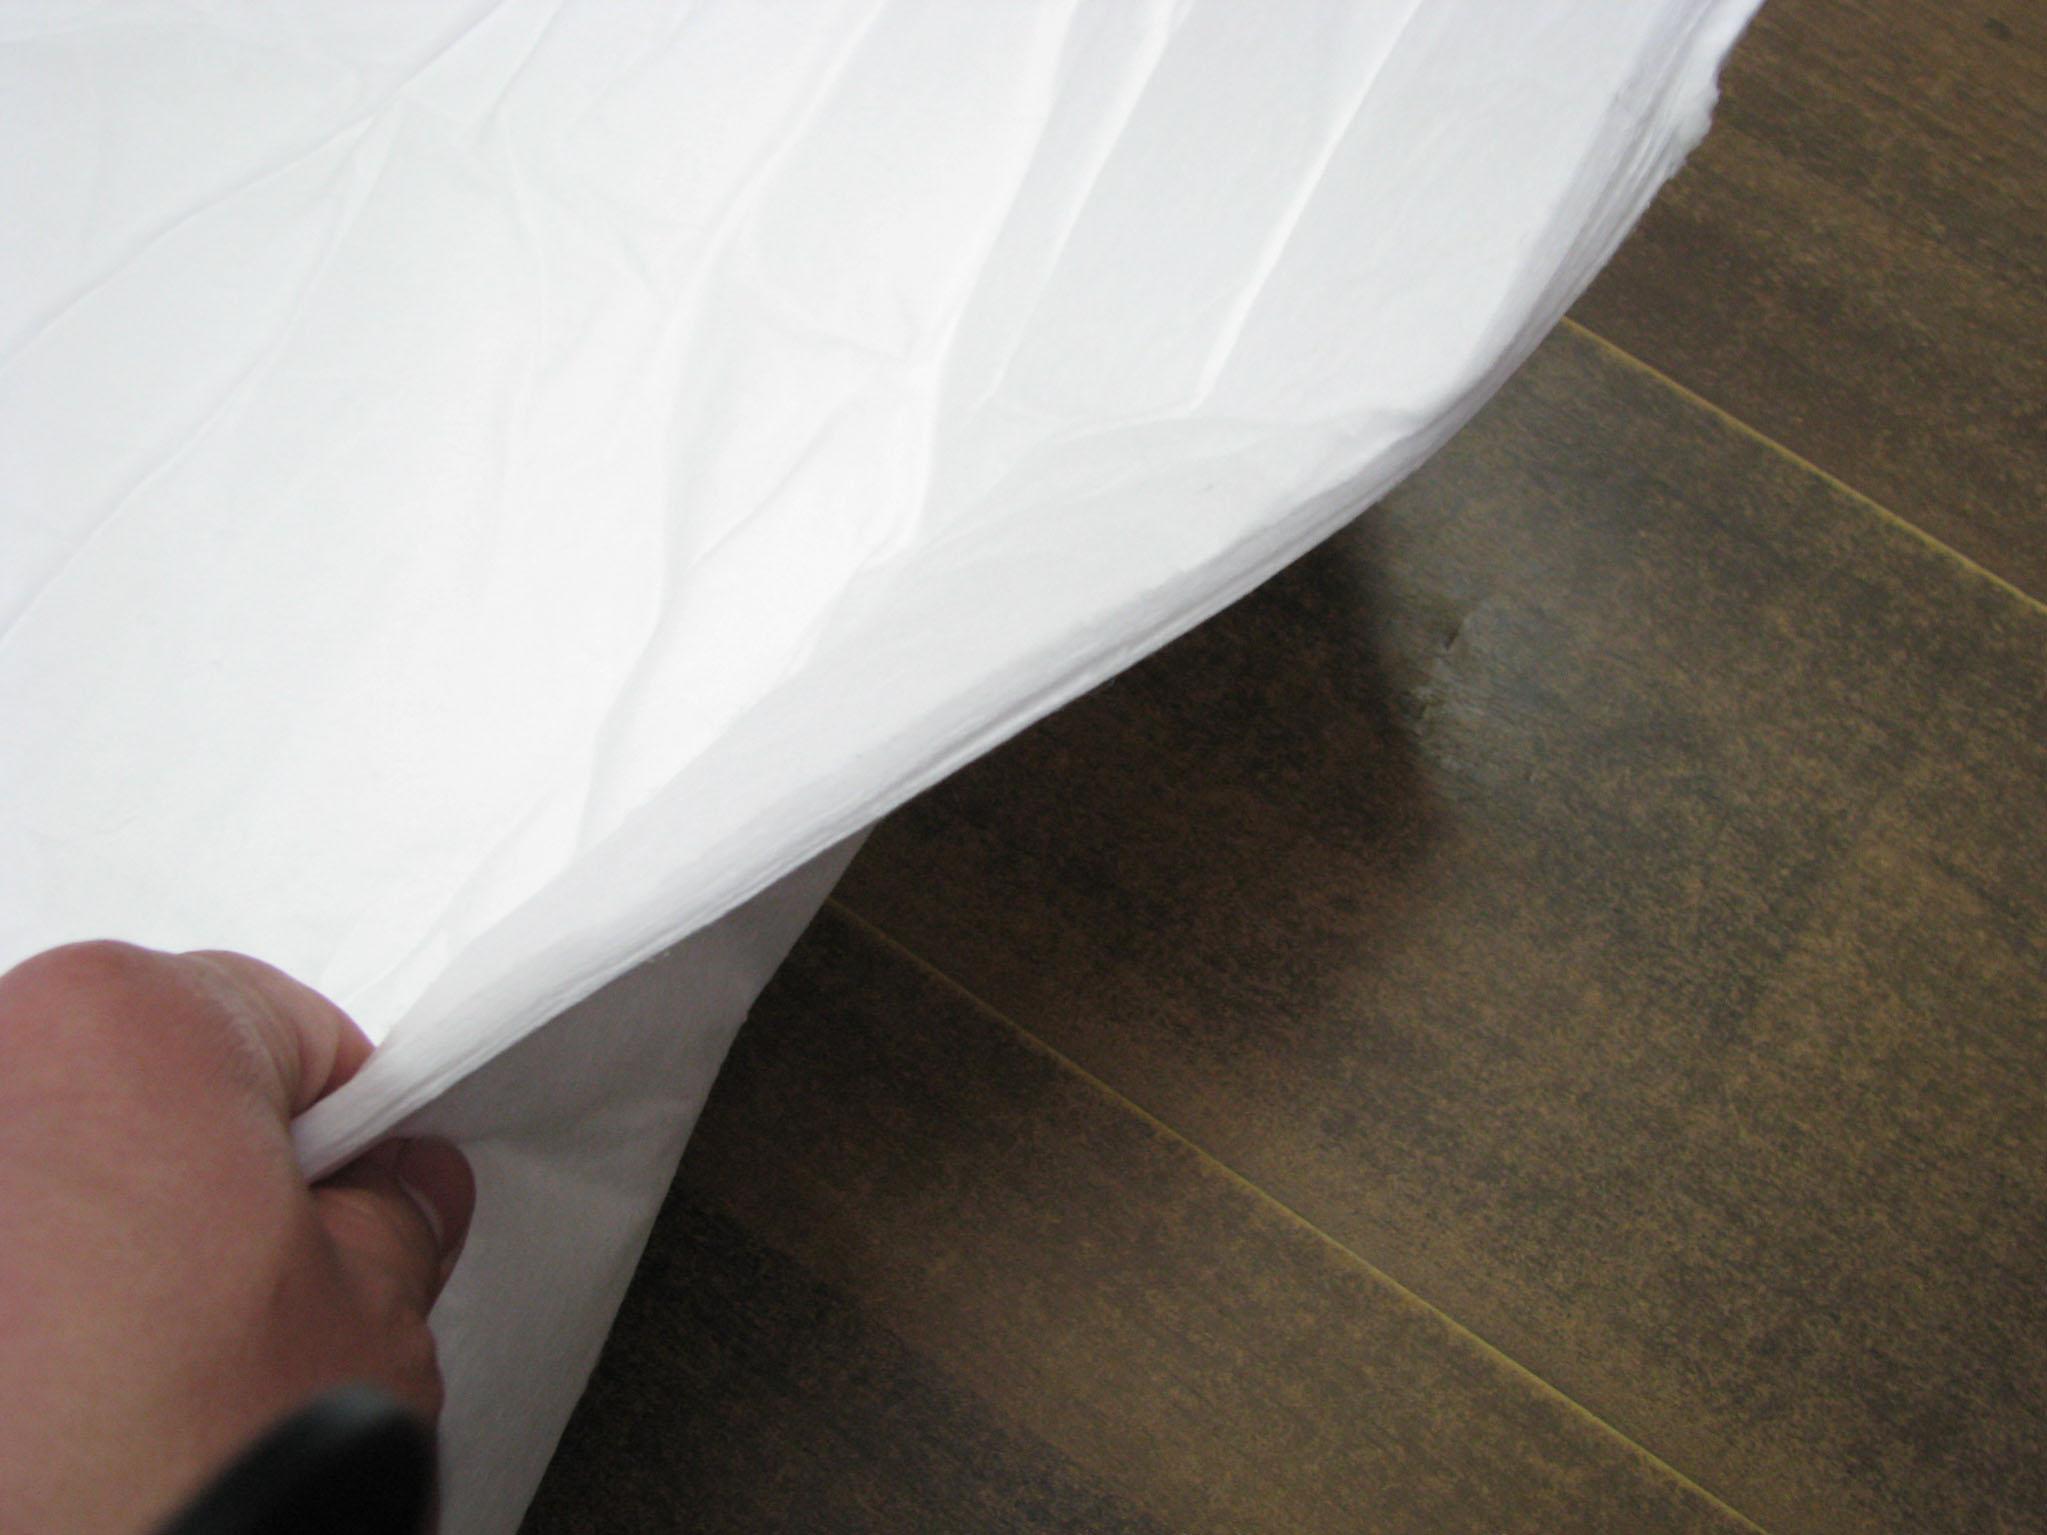 新络PP-5吸油毡水面油污清洁不吸水吸油毡工业吸油棉 2